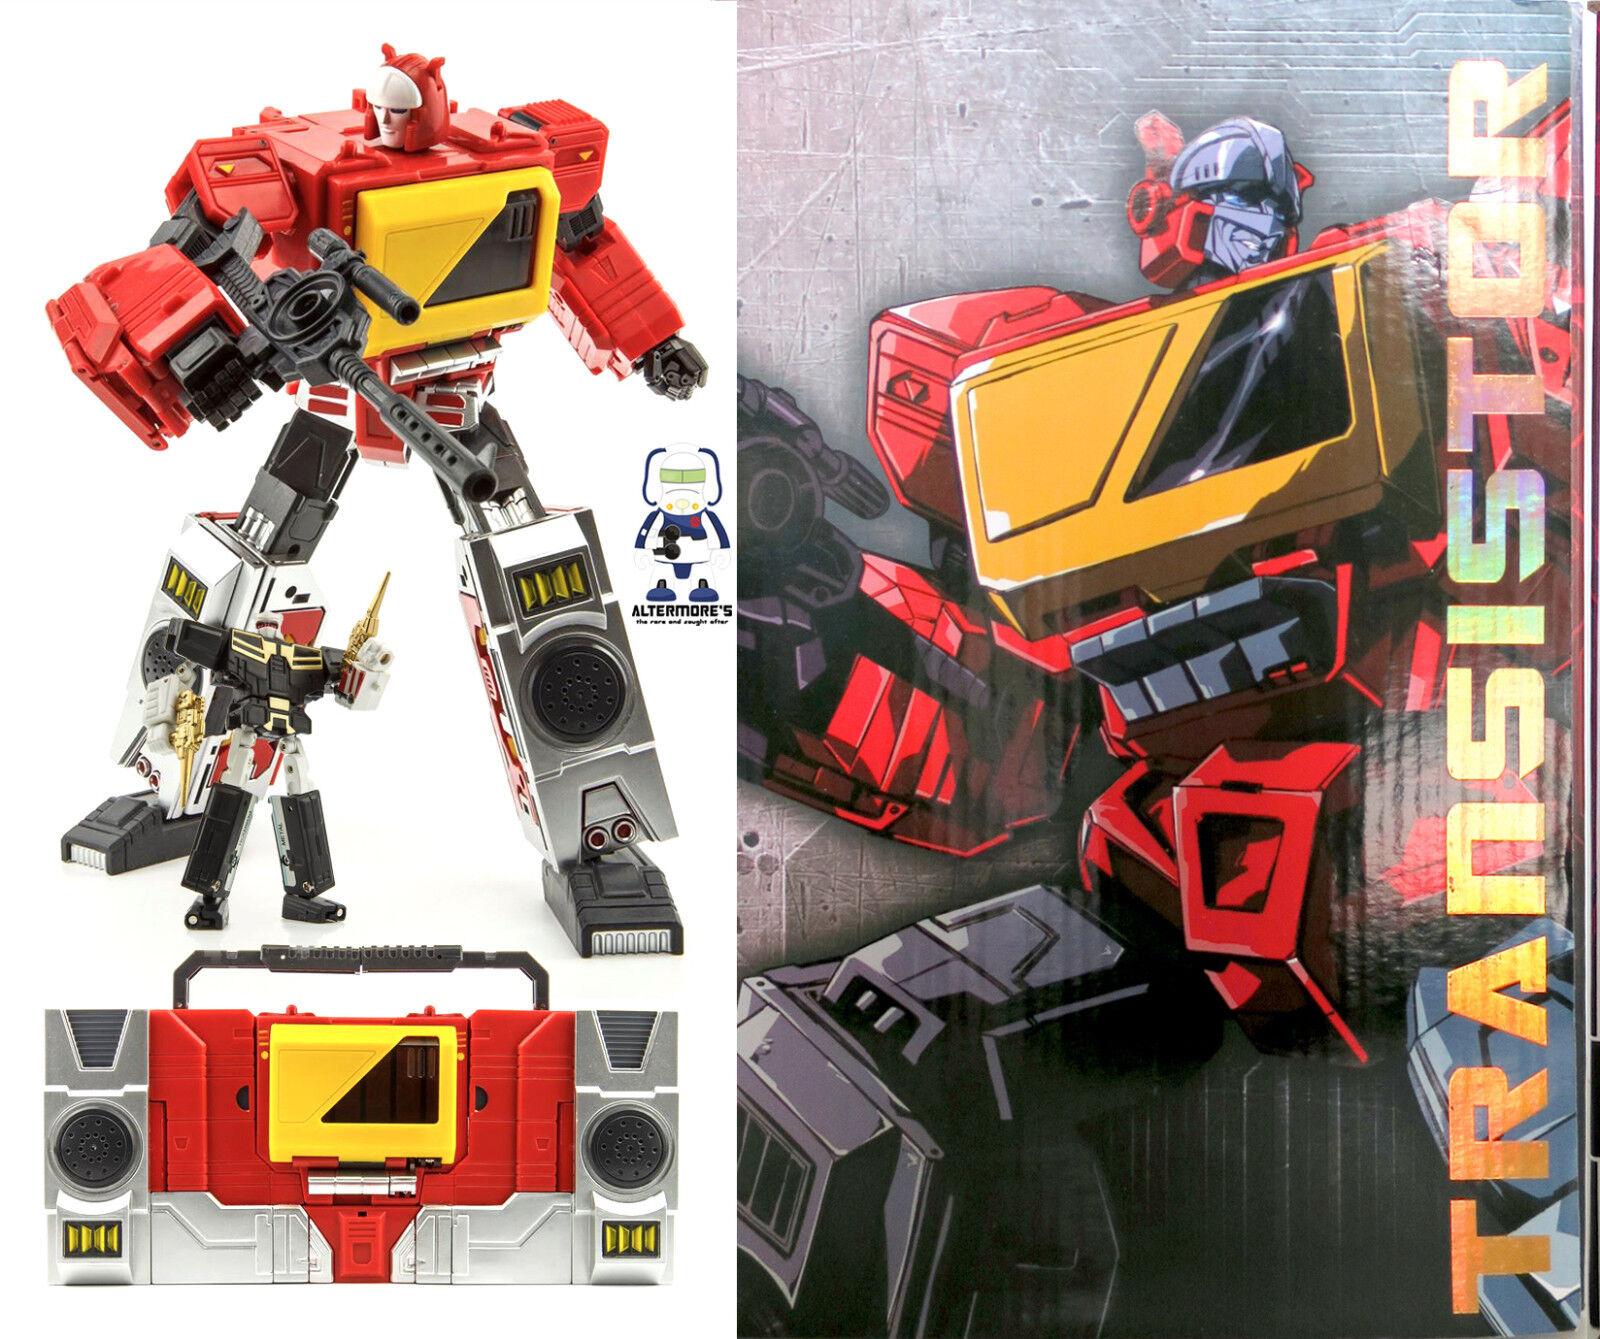 Transformers Masterpiece KFC GIOCATTOLI e.a.v.i. metallo 4A TRANSISTOR MP Blaster NUOVO IN SCATOLA SIGILLATA